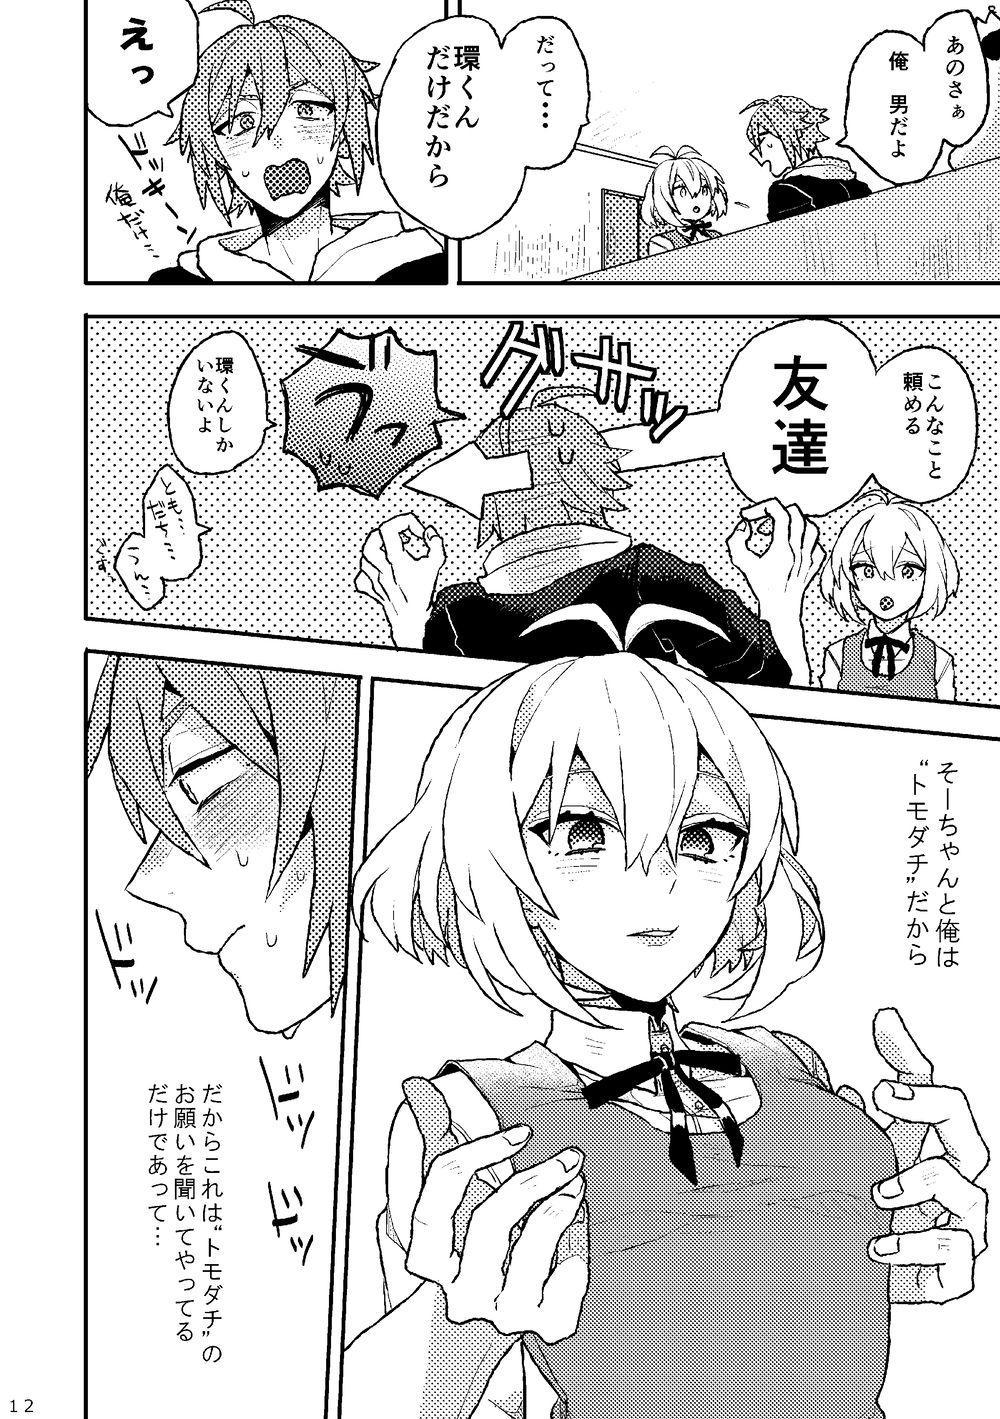 Ganbare! Tamaki-kun 9